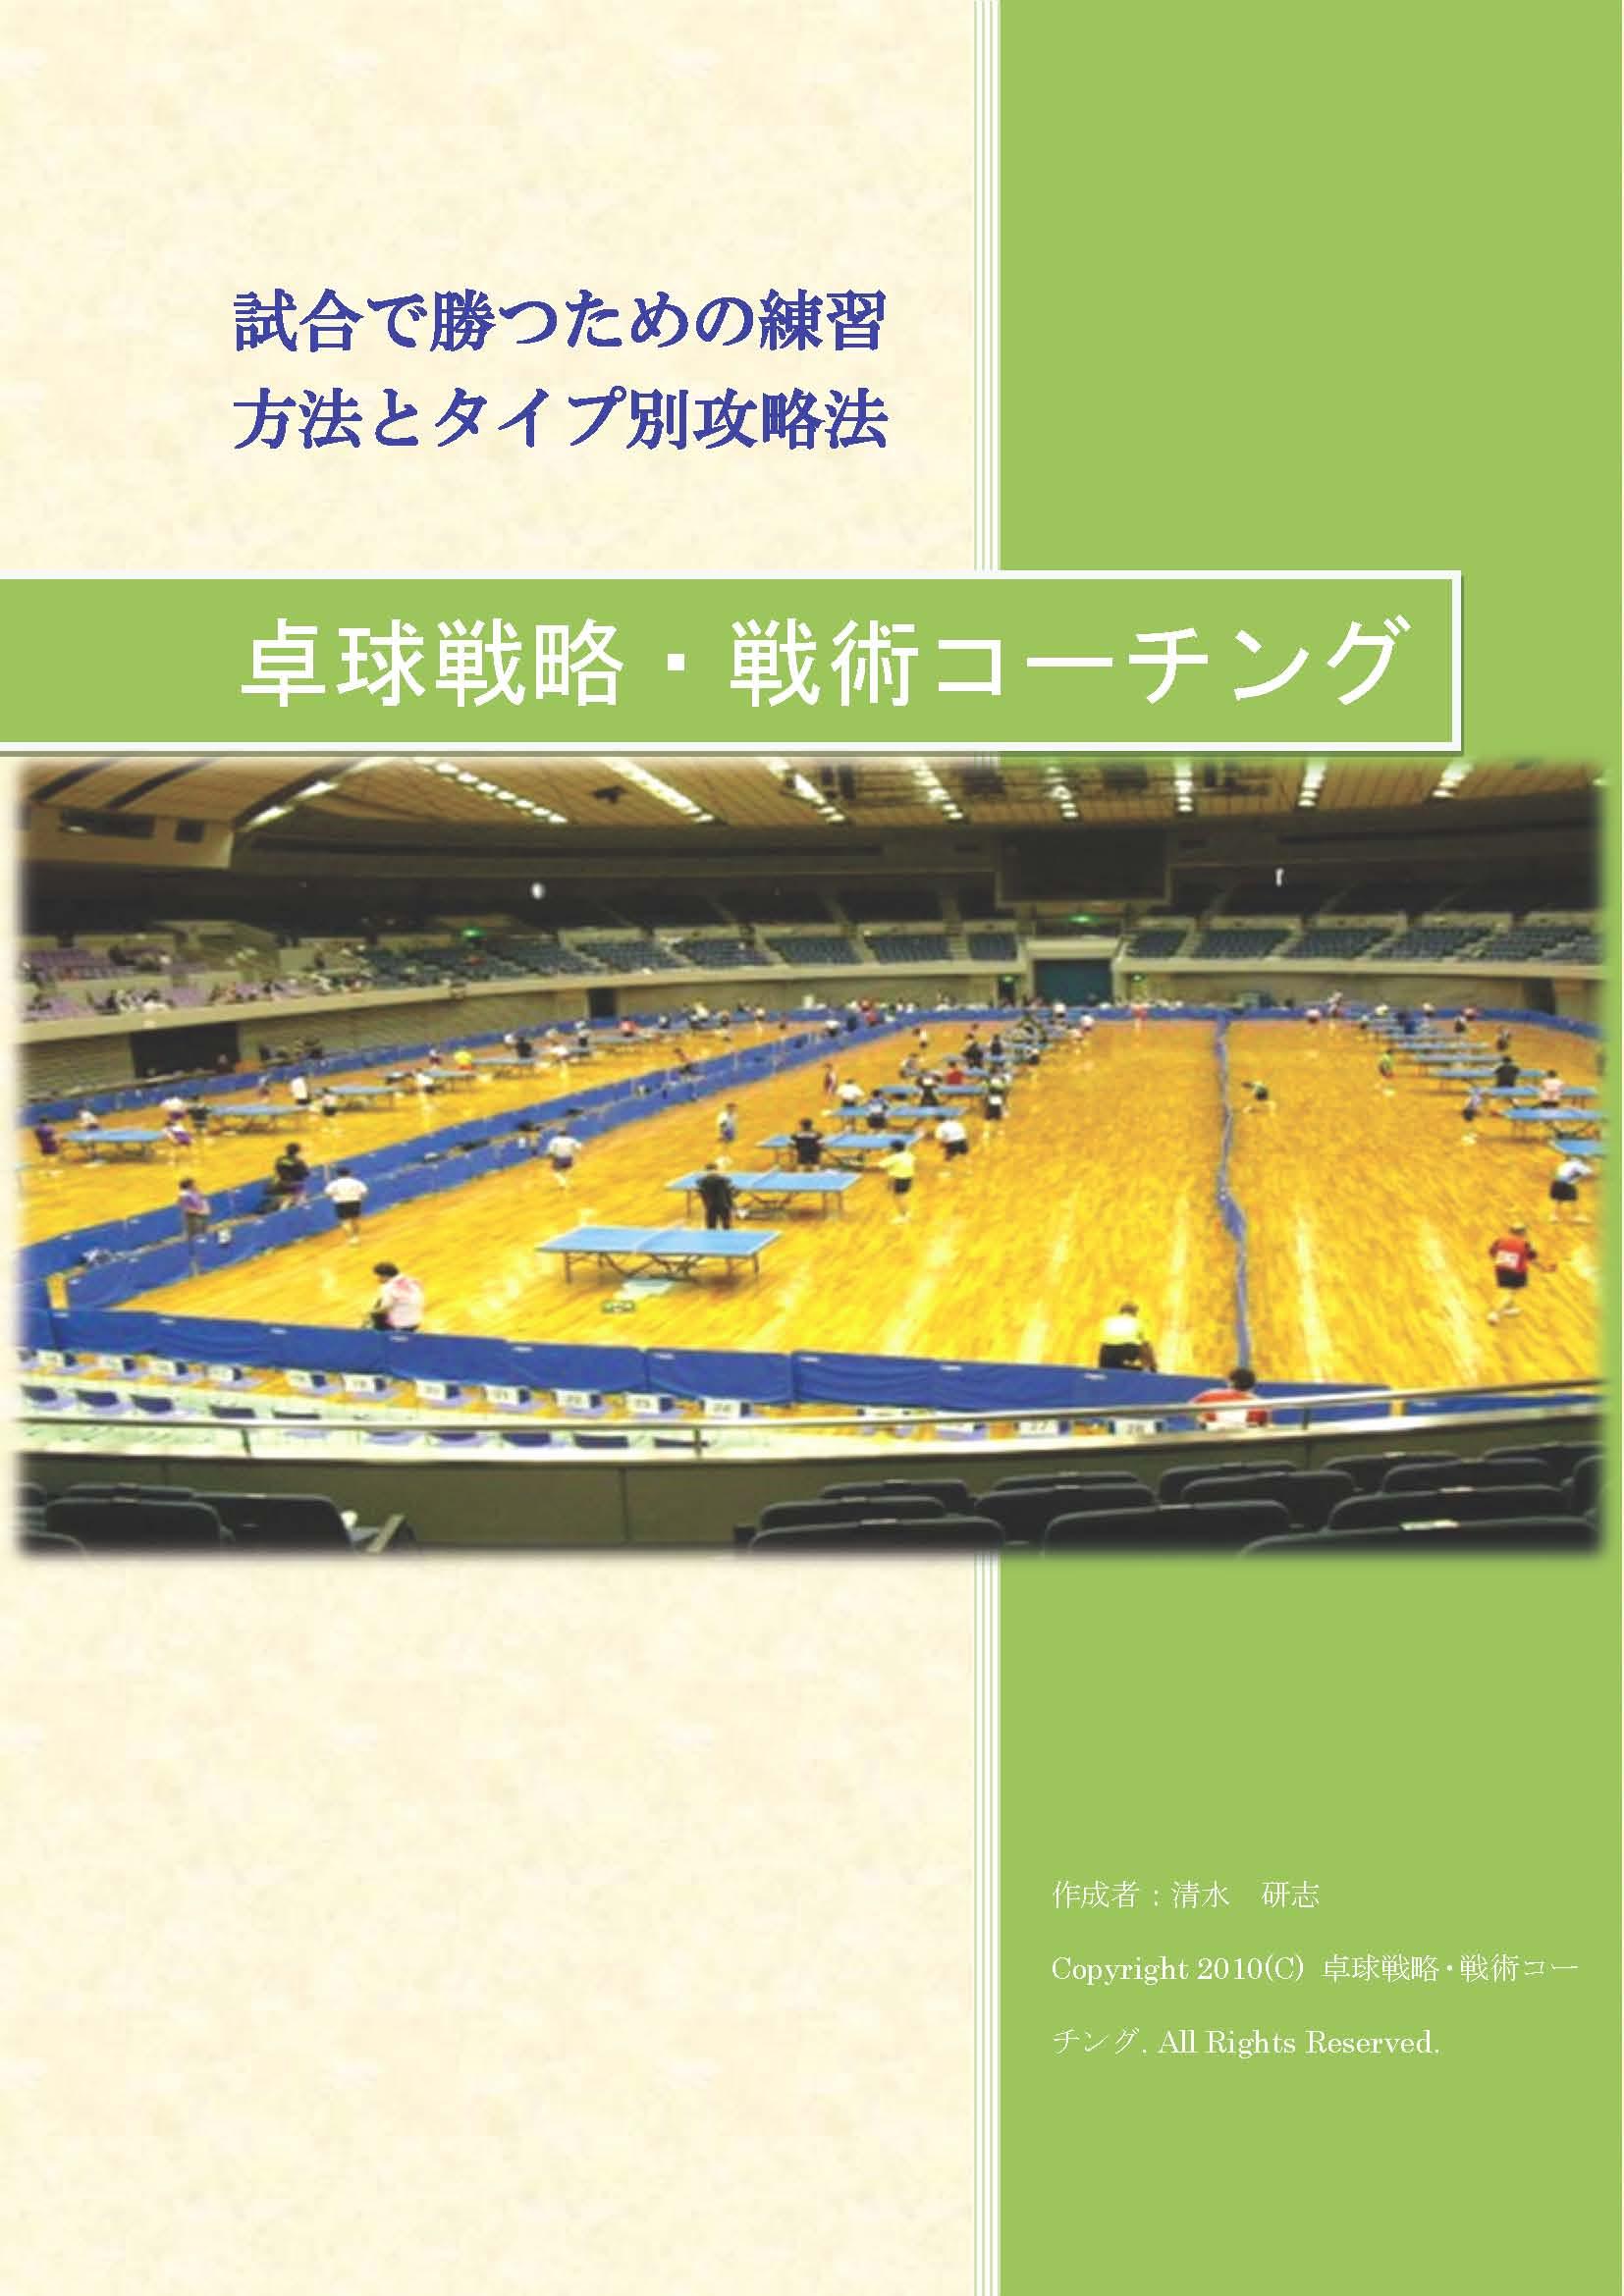 卓球レポート:試合に勝つための練習方法とタイプ別攻略法